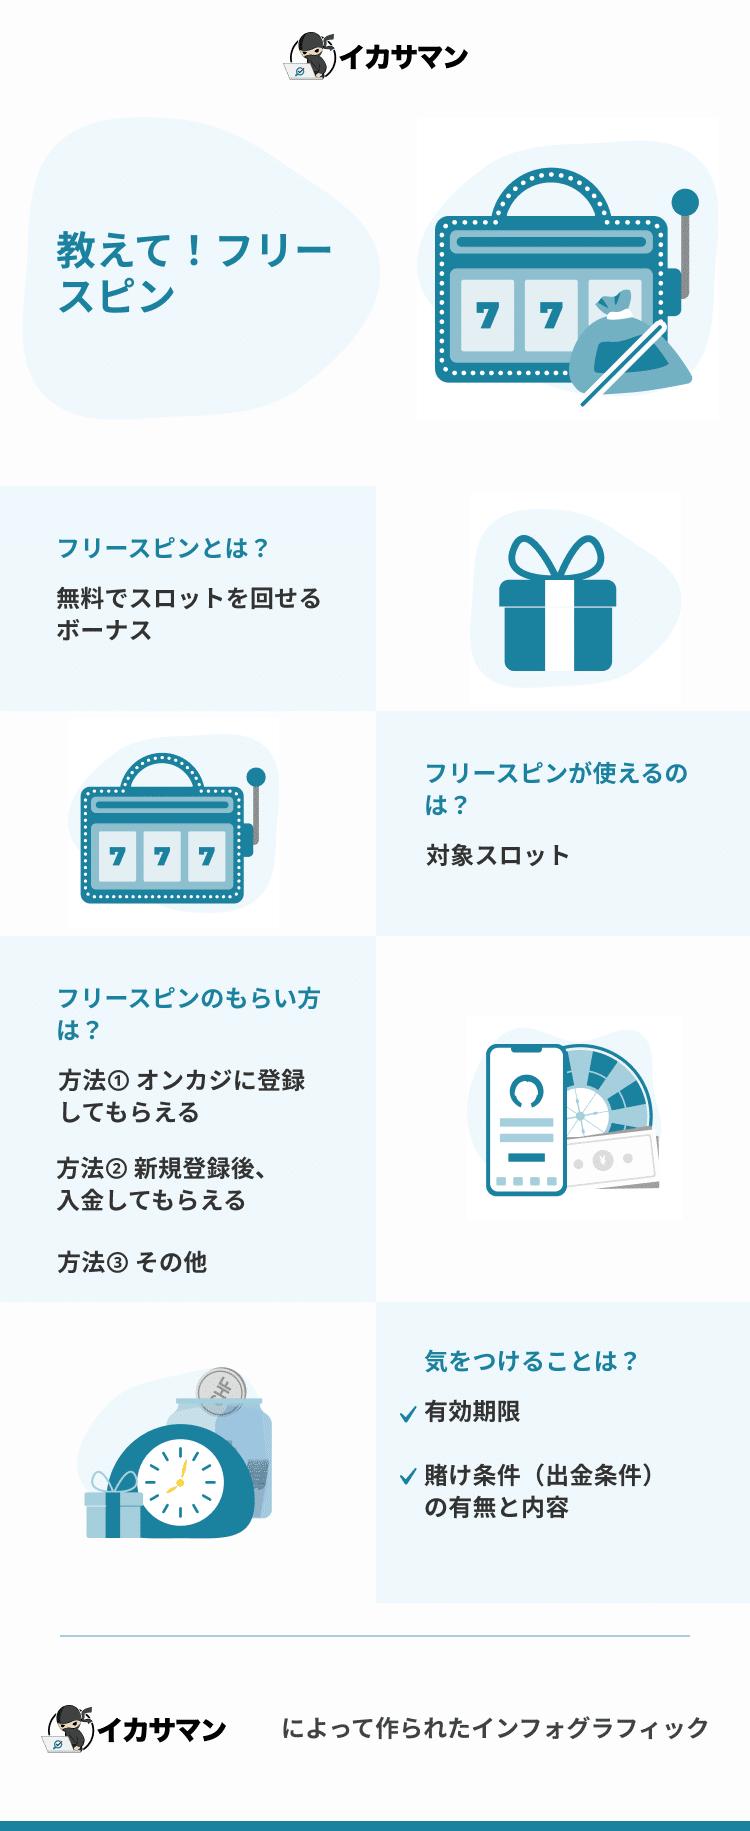 オンラインカジノ - フリースピン基本情報